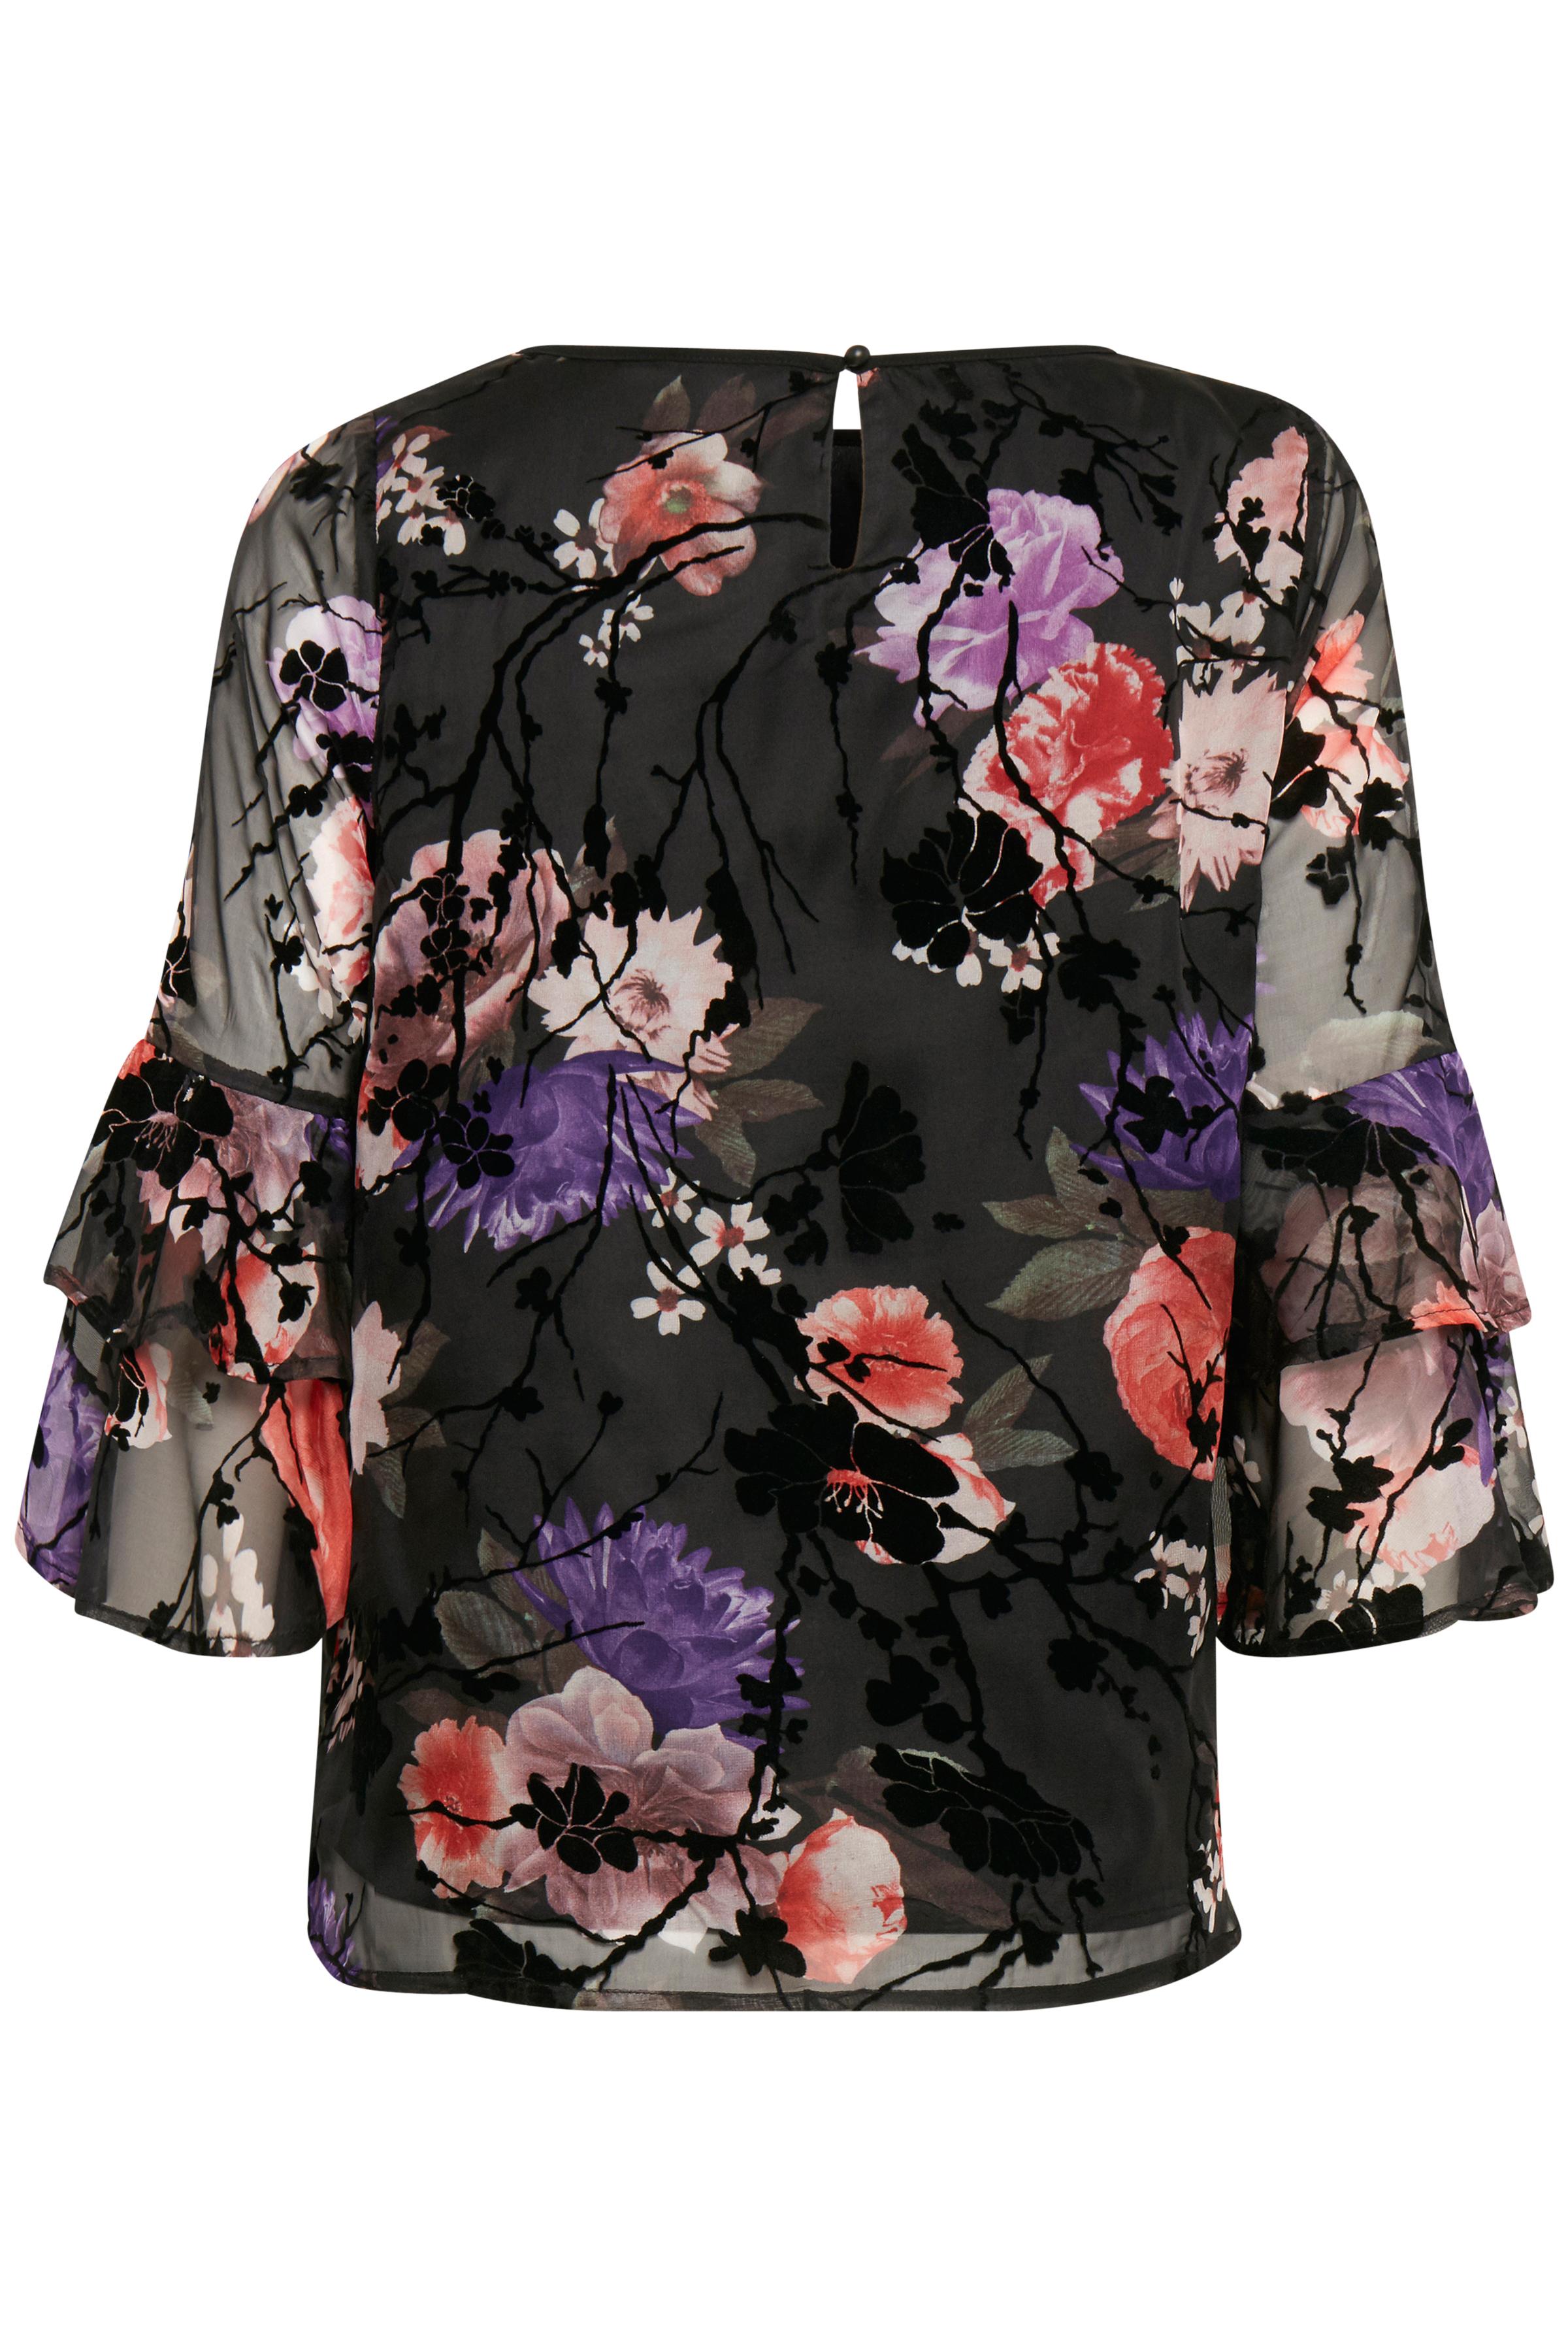 Schwarz/rot Langarm-Bluse von Fransa – Shoppen Sie Schwarz/rot Langarm-Bluse ab Gr. XS-XXL hier